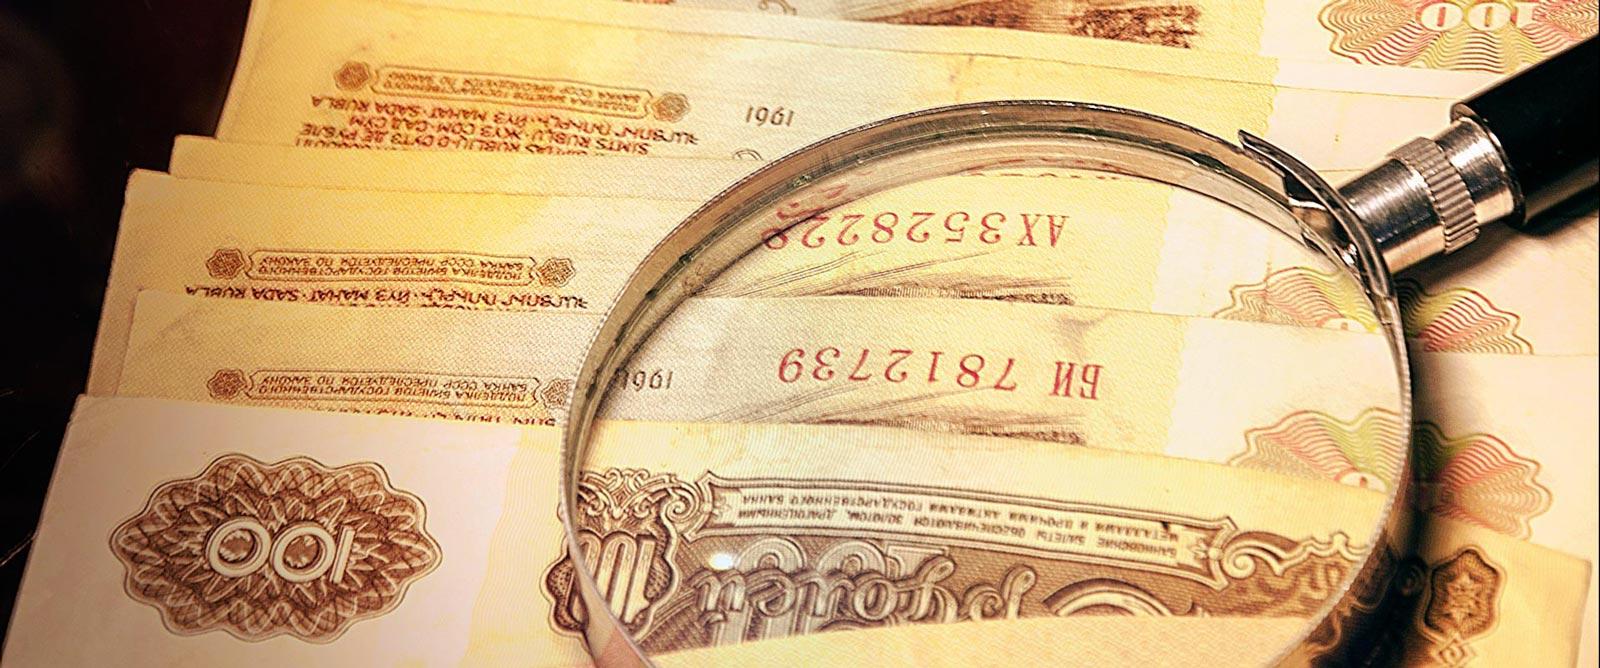 Bilka monety grading krakow